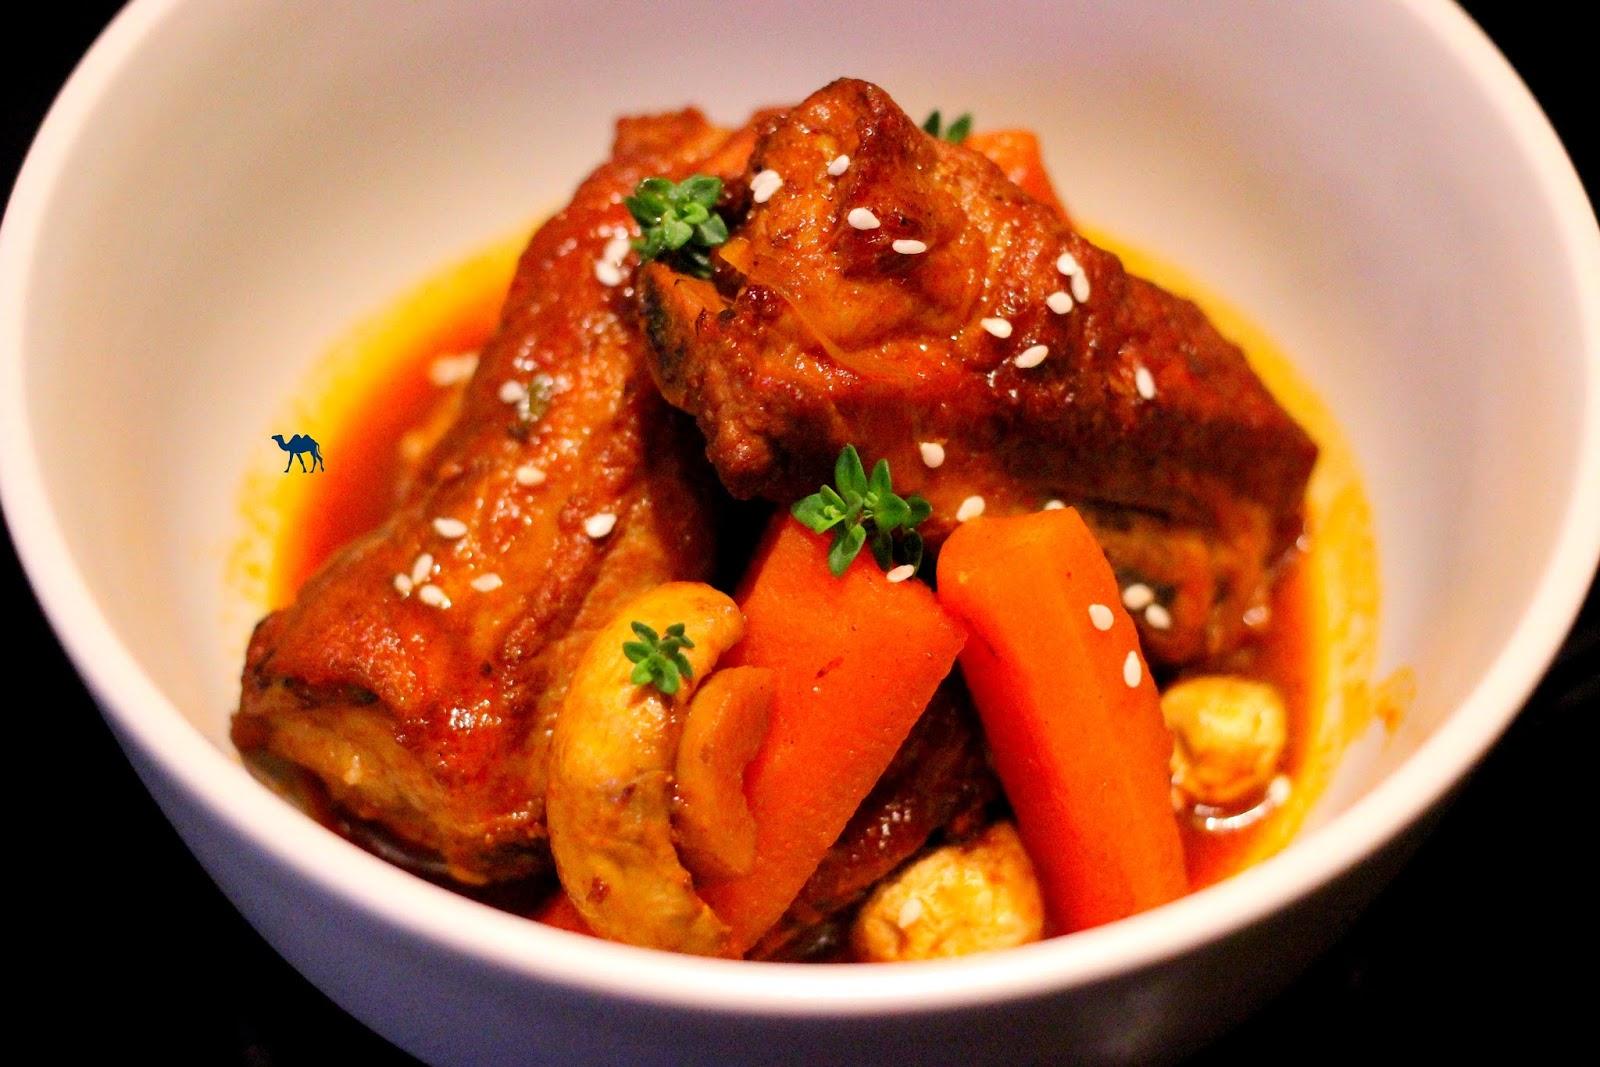 Le Chameau Bleu - Recette coréenne de ragoût - Gastronomie COrée